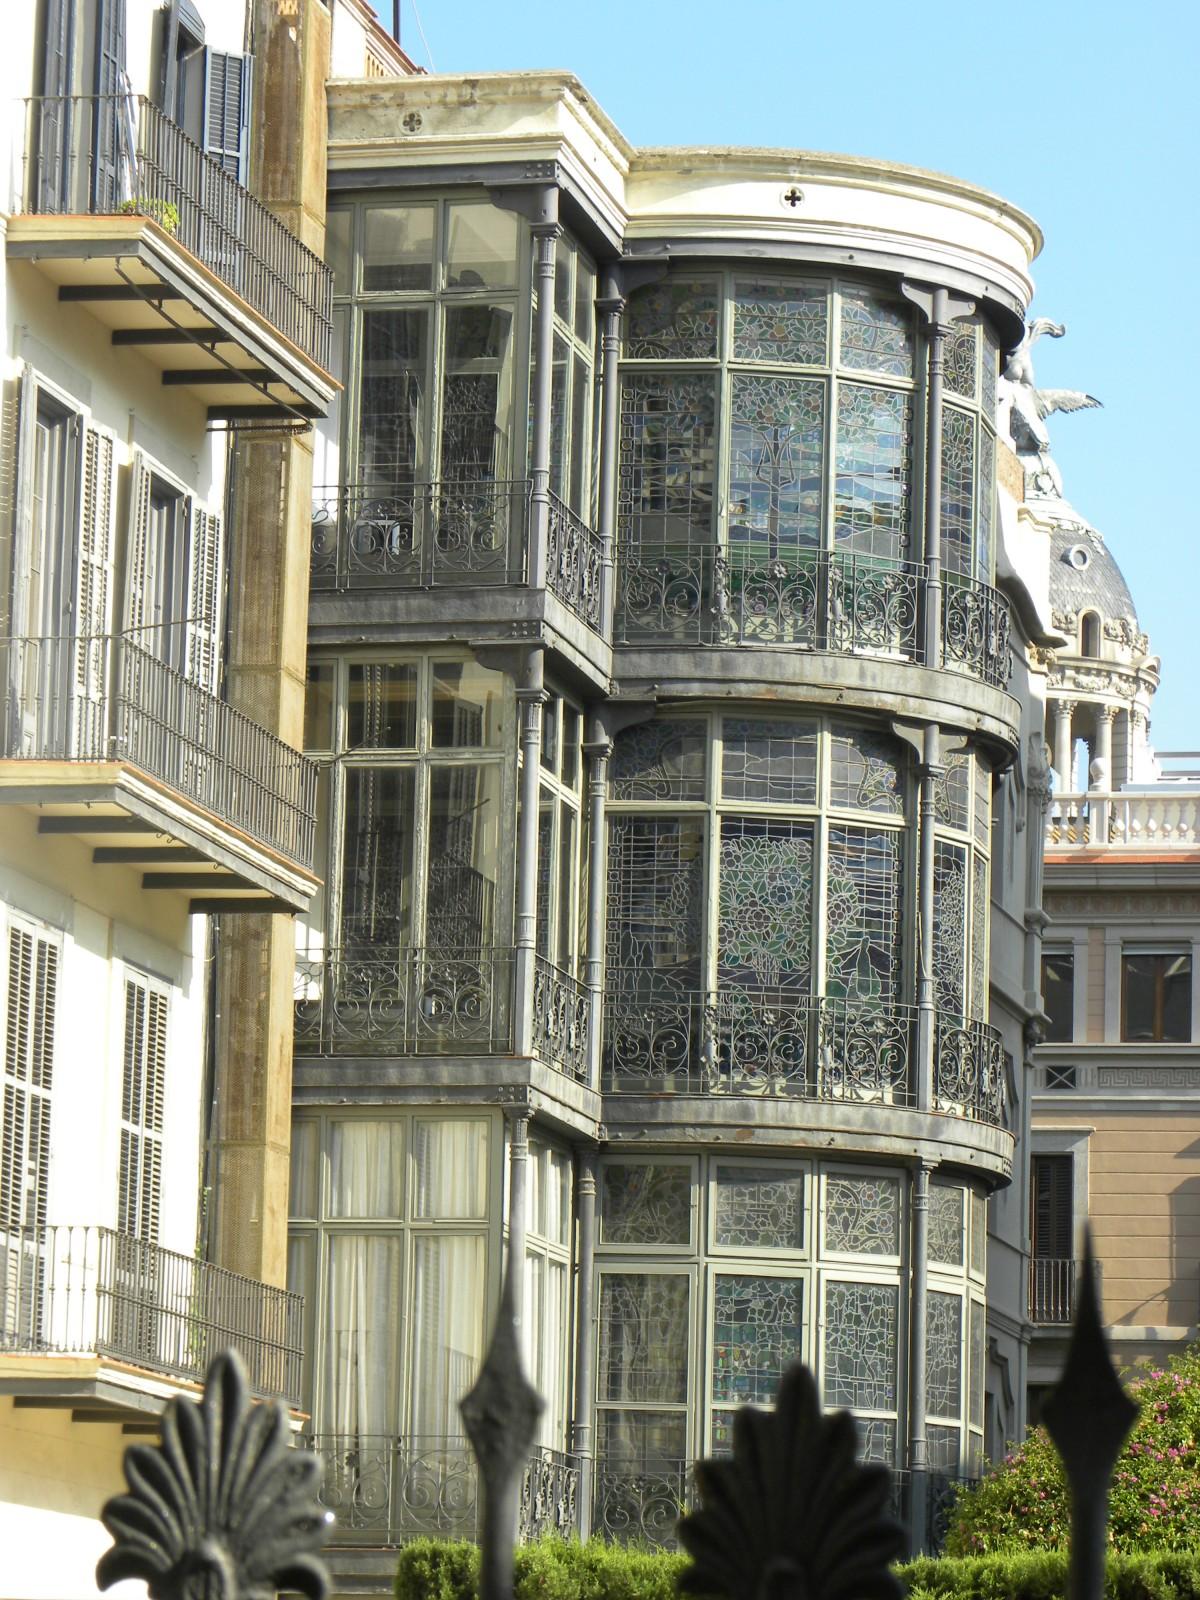 Die Architektur Villa Haus Fenster Palast Zuhause Innenstadt Balkon Europa  Wahrzeichen Fassade Barcelona Turmblock Erdkunde Spanien